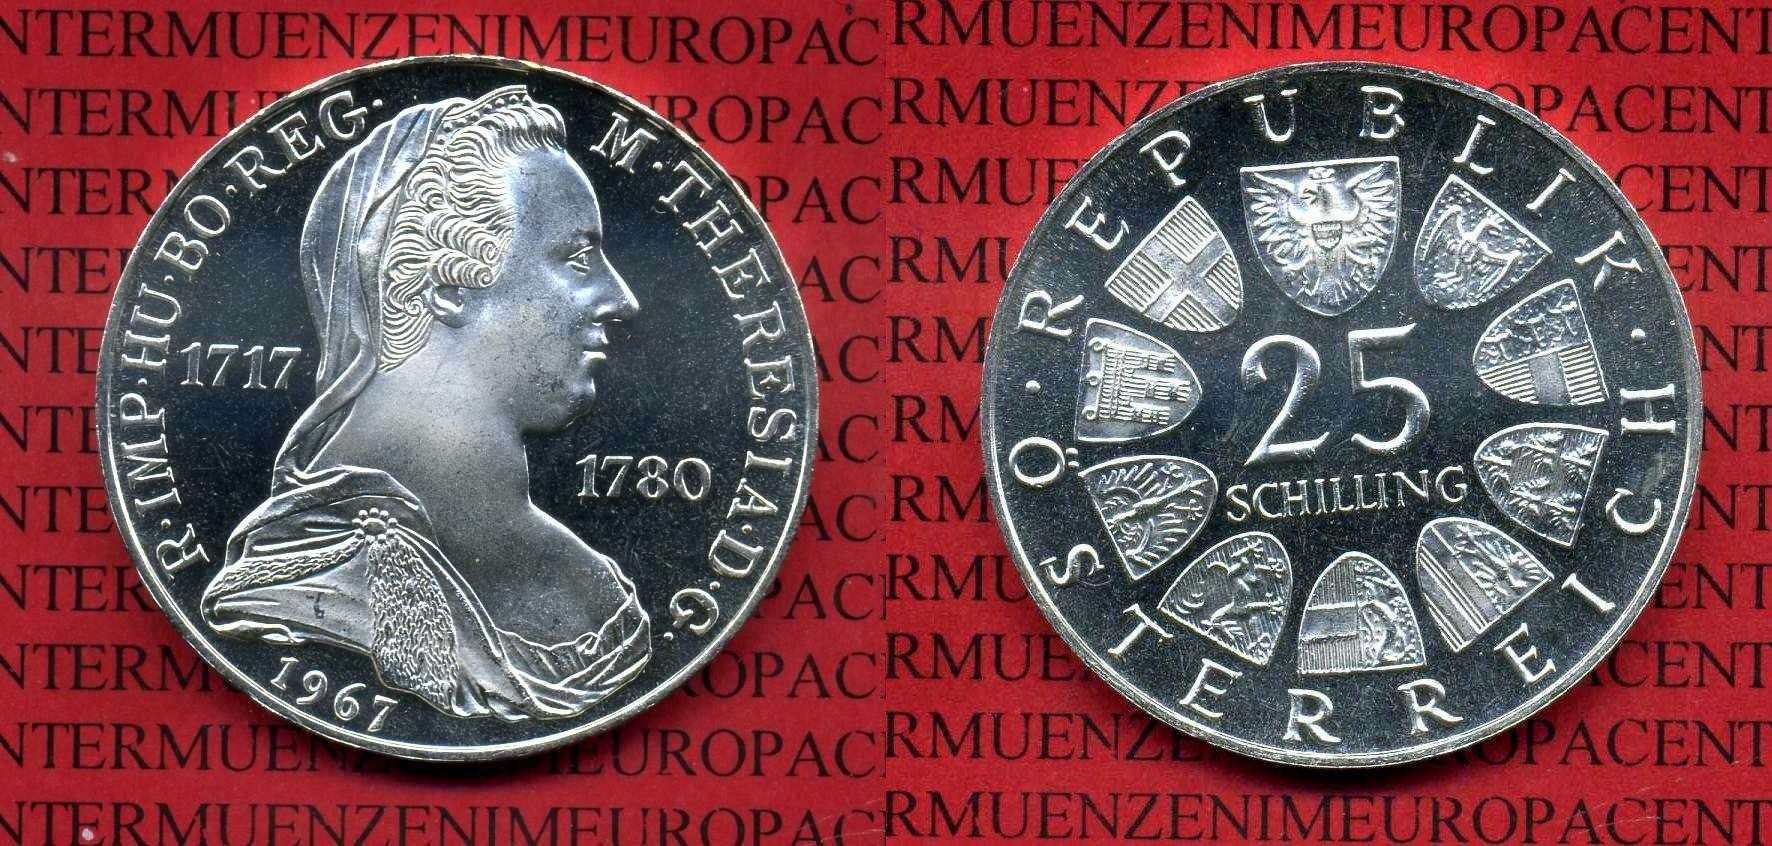 25 Schilling Ats Silber 1967 österreich Austria österreich 25